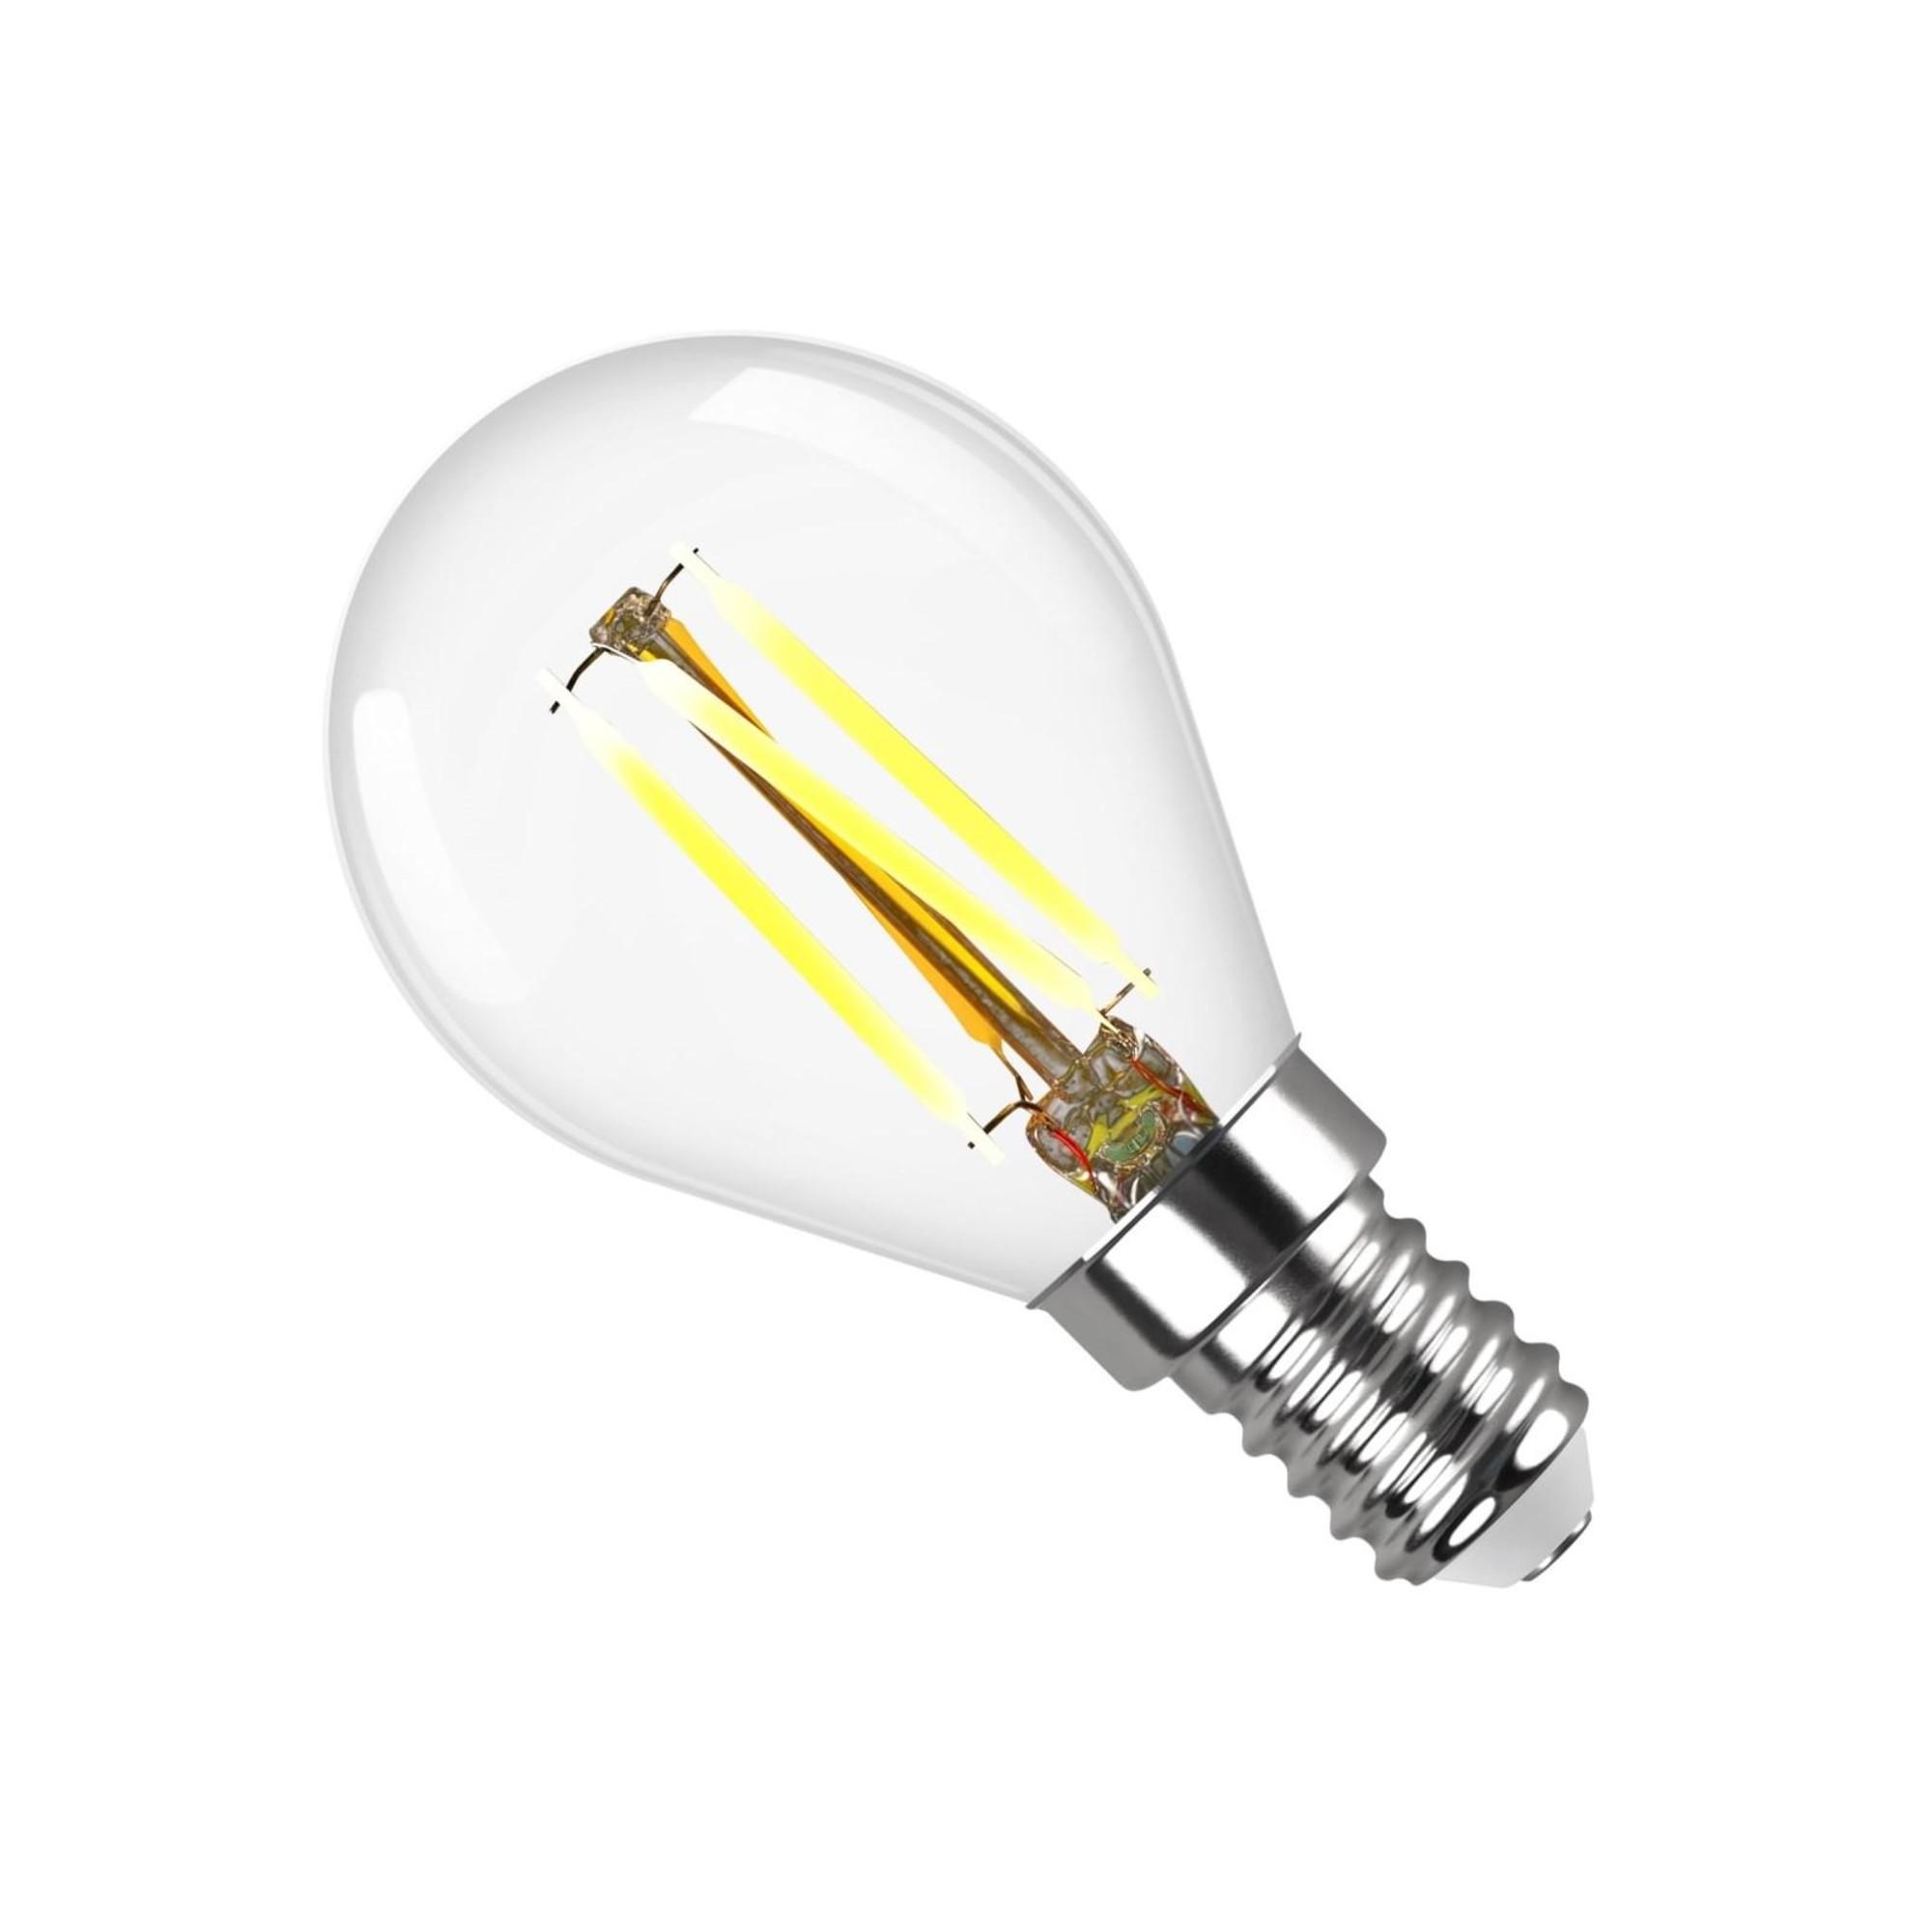 Лампа светодиодная (комплект 5 шт.) REV FILAMENT G45 E14 5W 2700K DECO Premium 32357 0